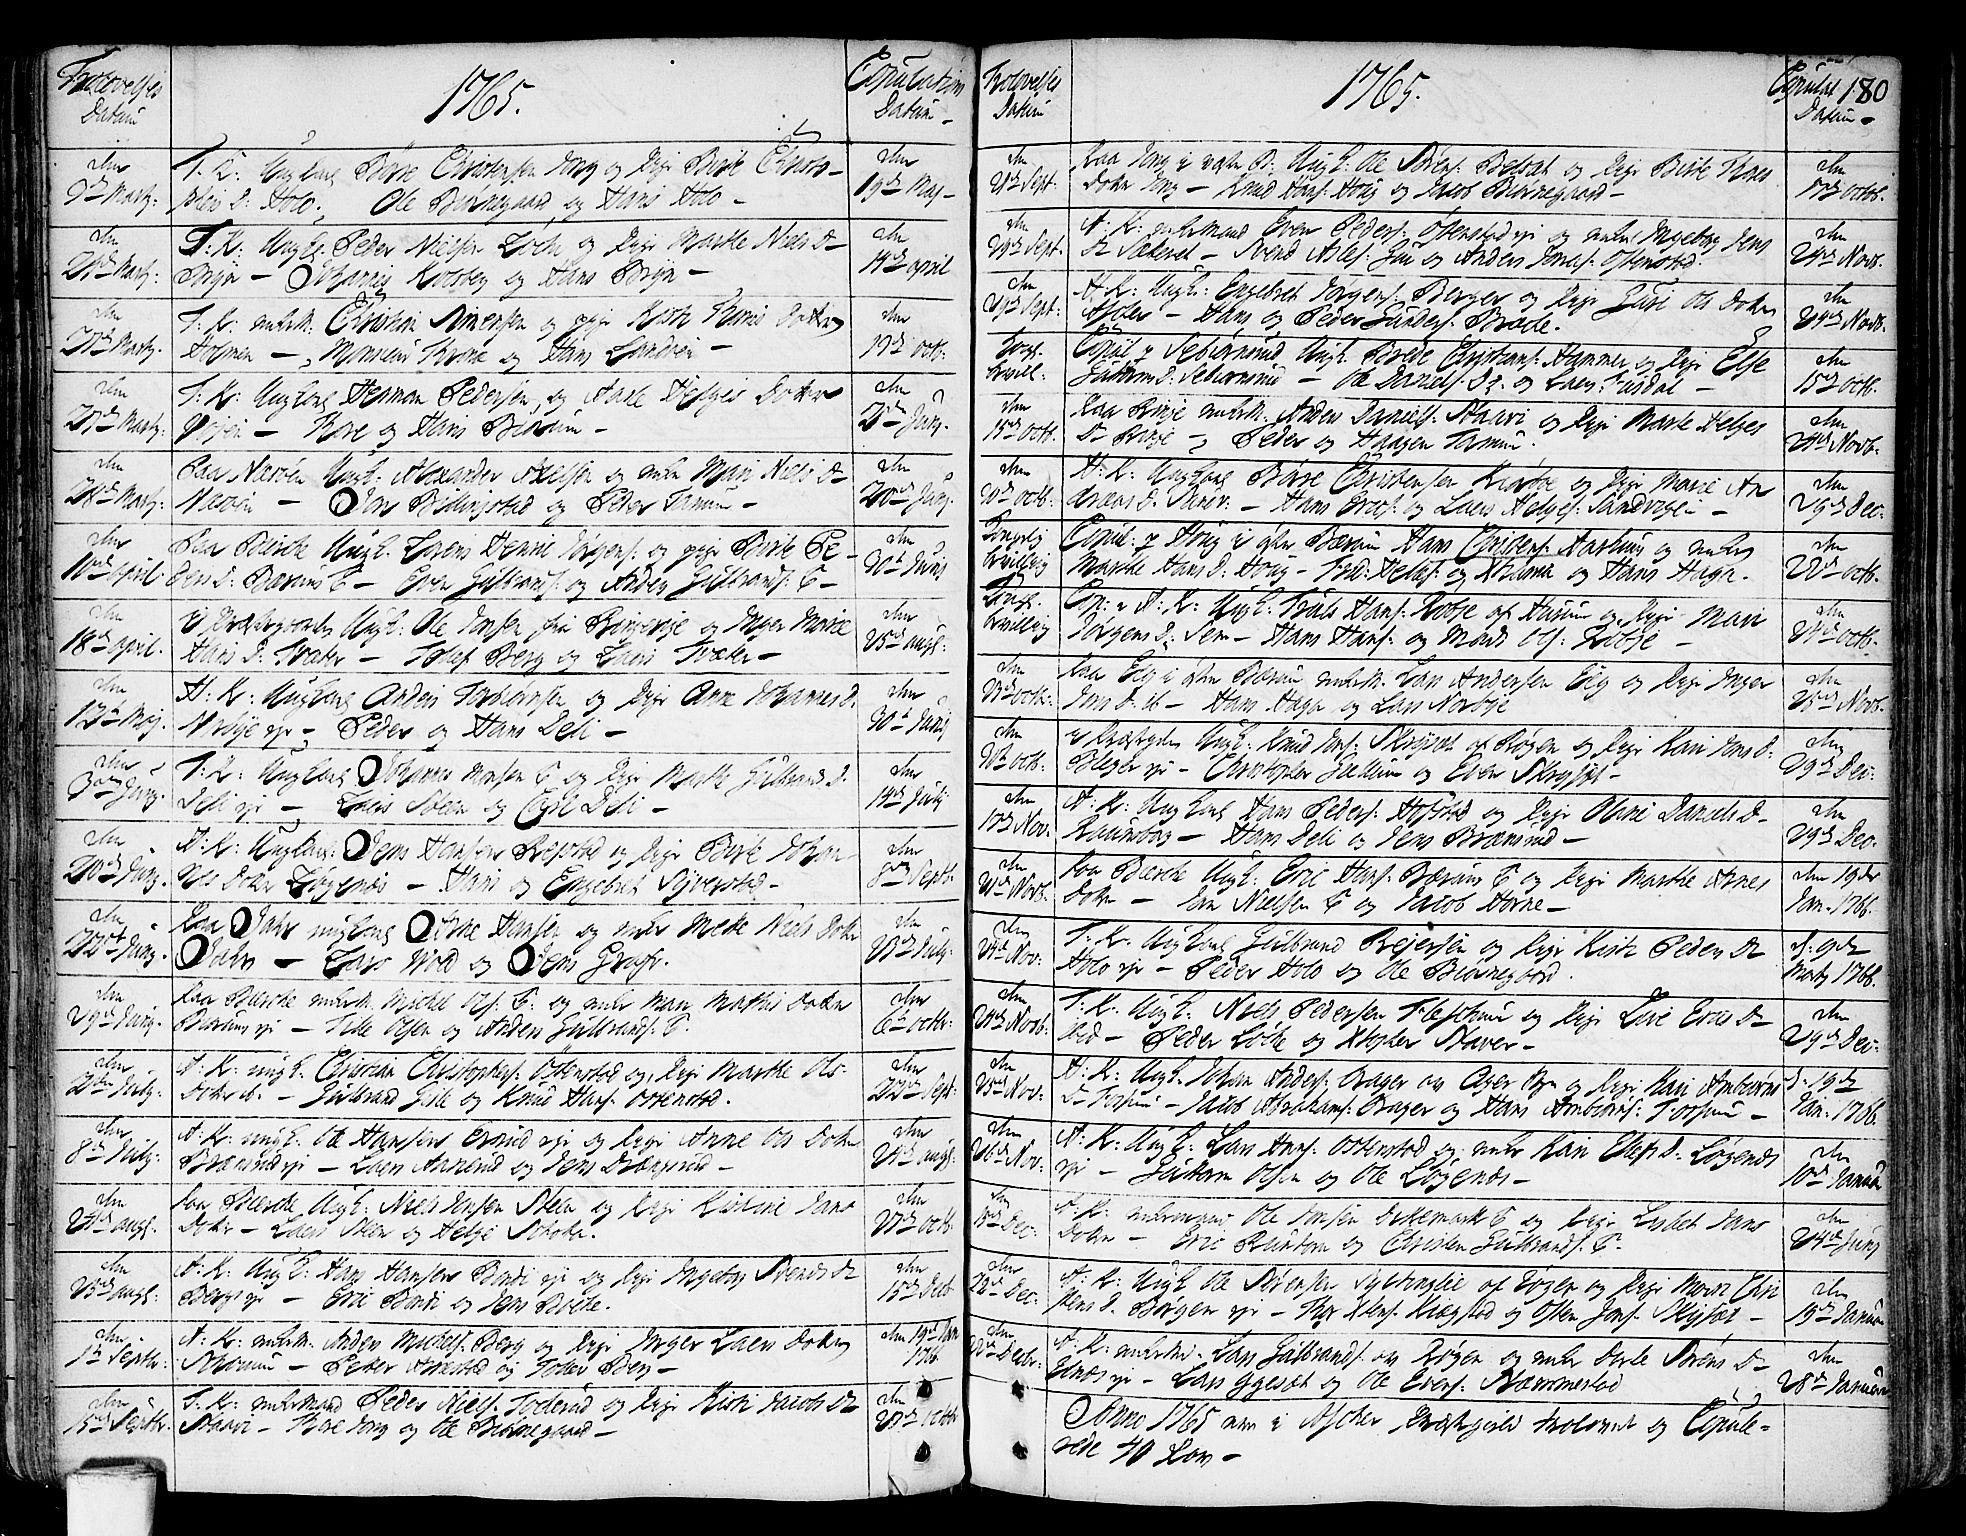 SAO, Asker prestekontor Kirkebøker, F/Fa/L0002: Ministerialbok nr. I 2, 1733-1766, s. 180